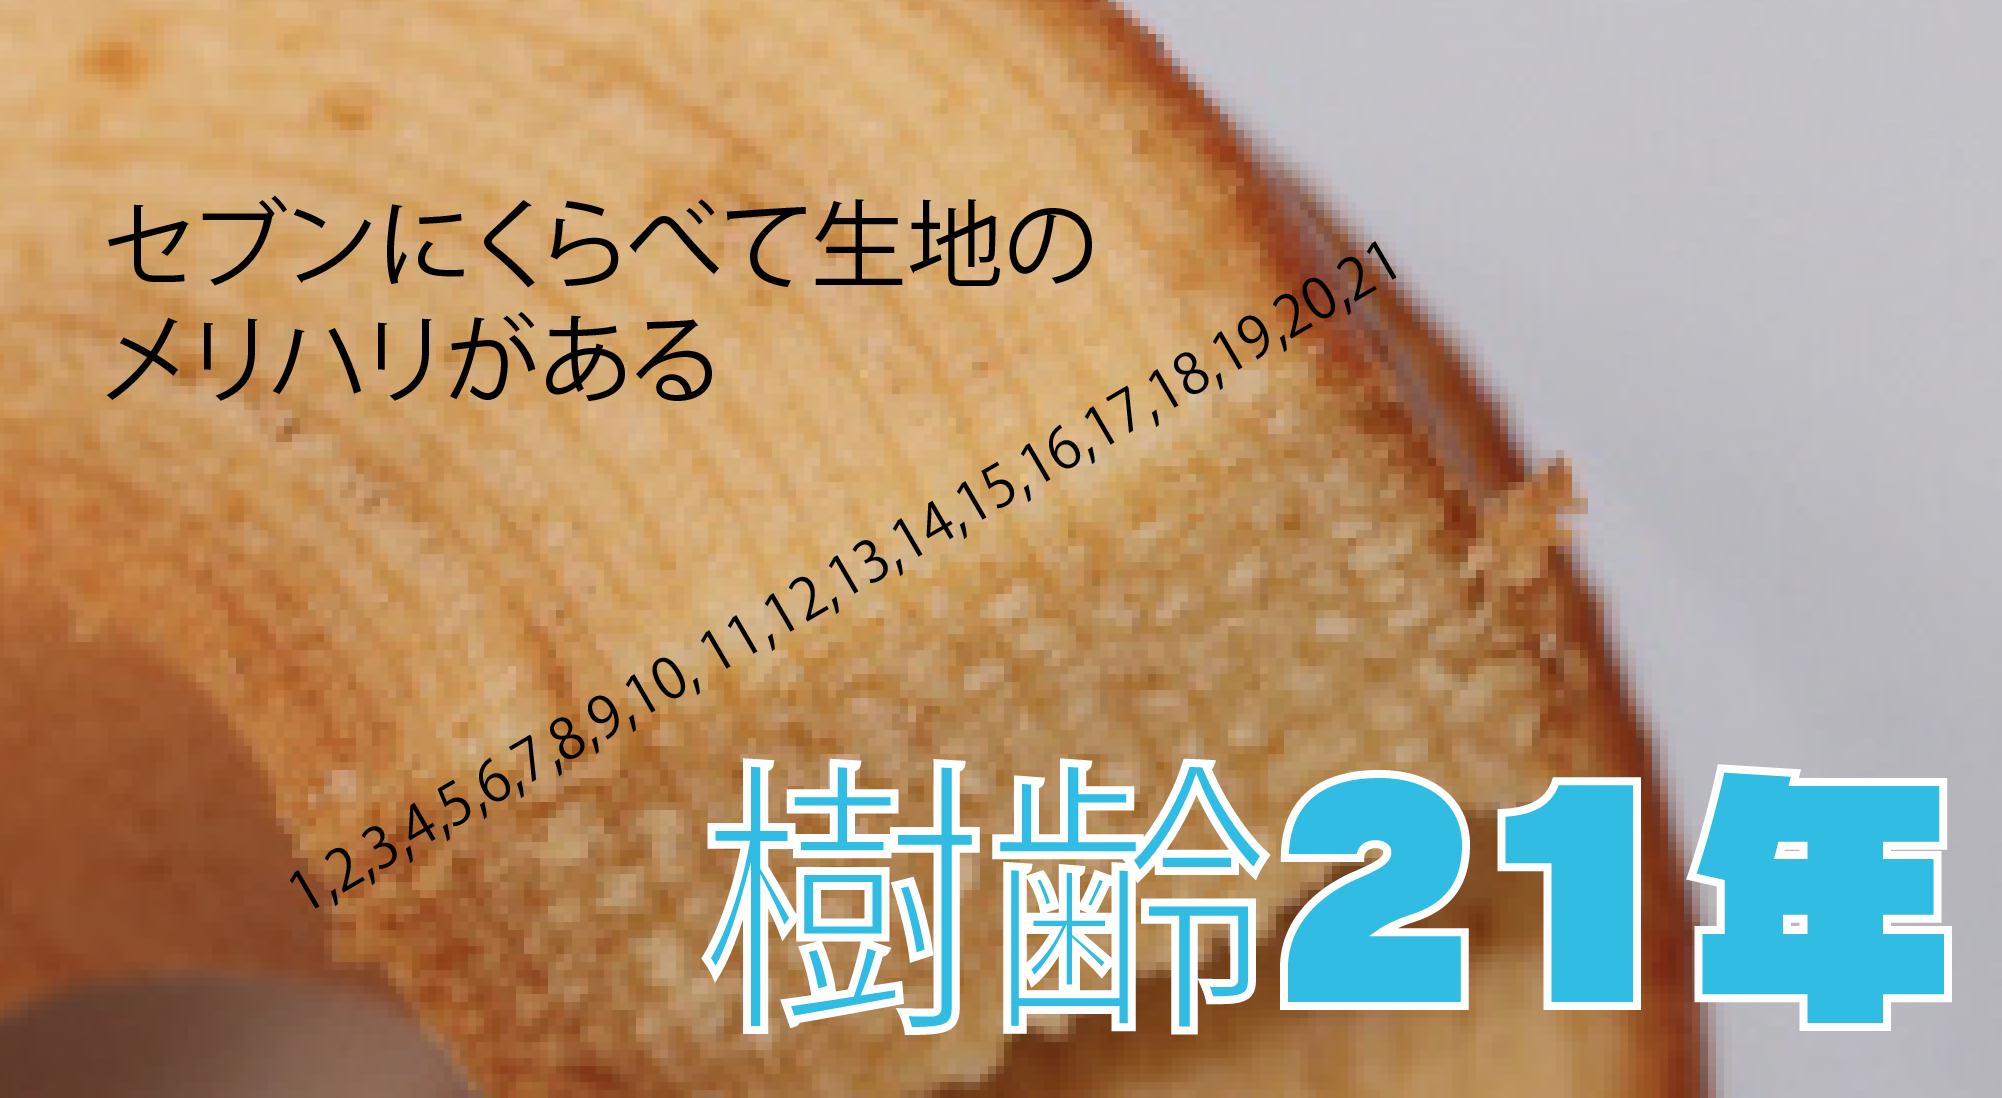 スクリーンショット 2015-11-19 16.38.02